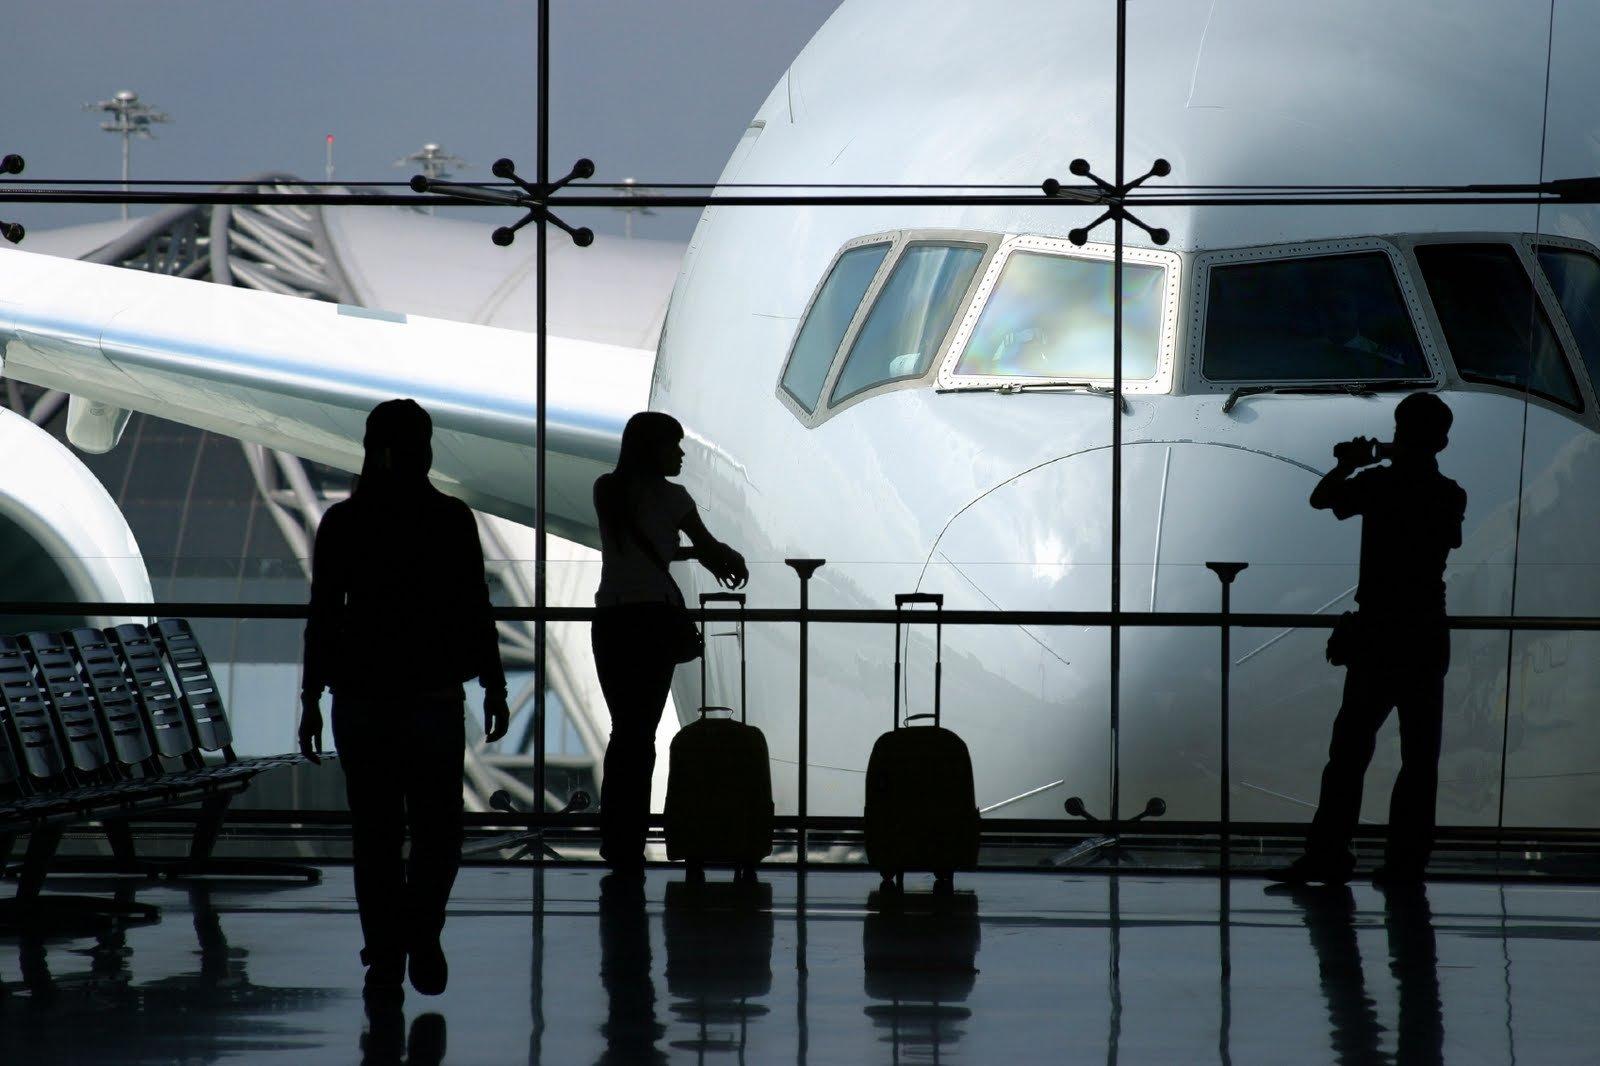 Британский аэропорт «Гатвик» заставил пассажиров самостоятельно упаковывать свой багаж